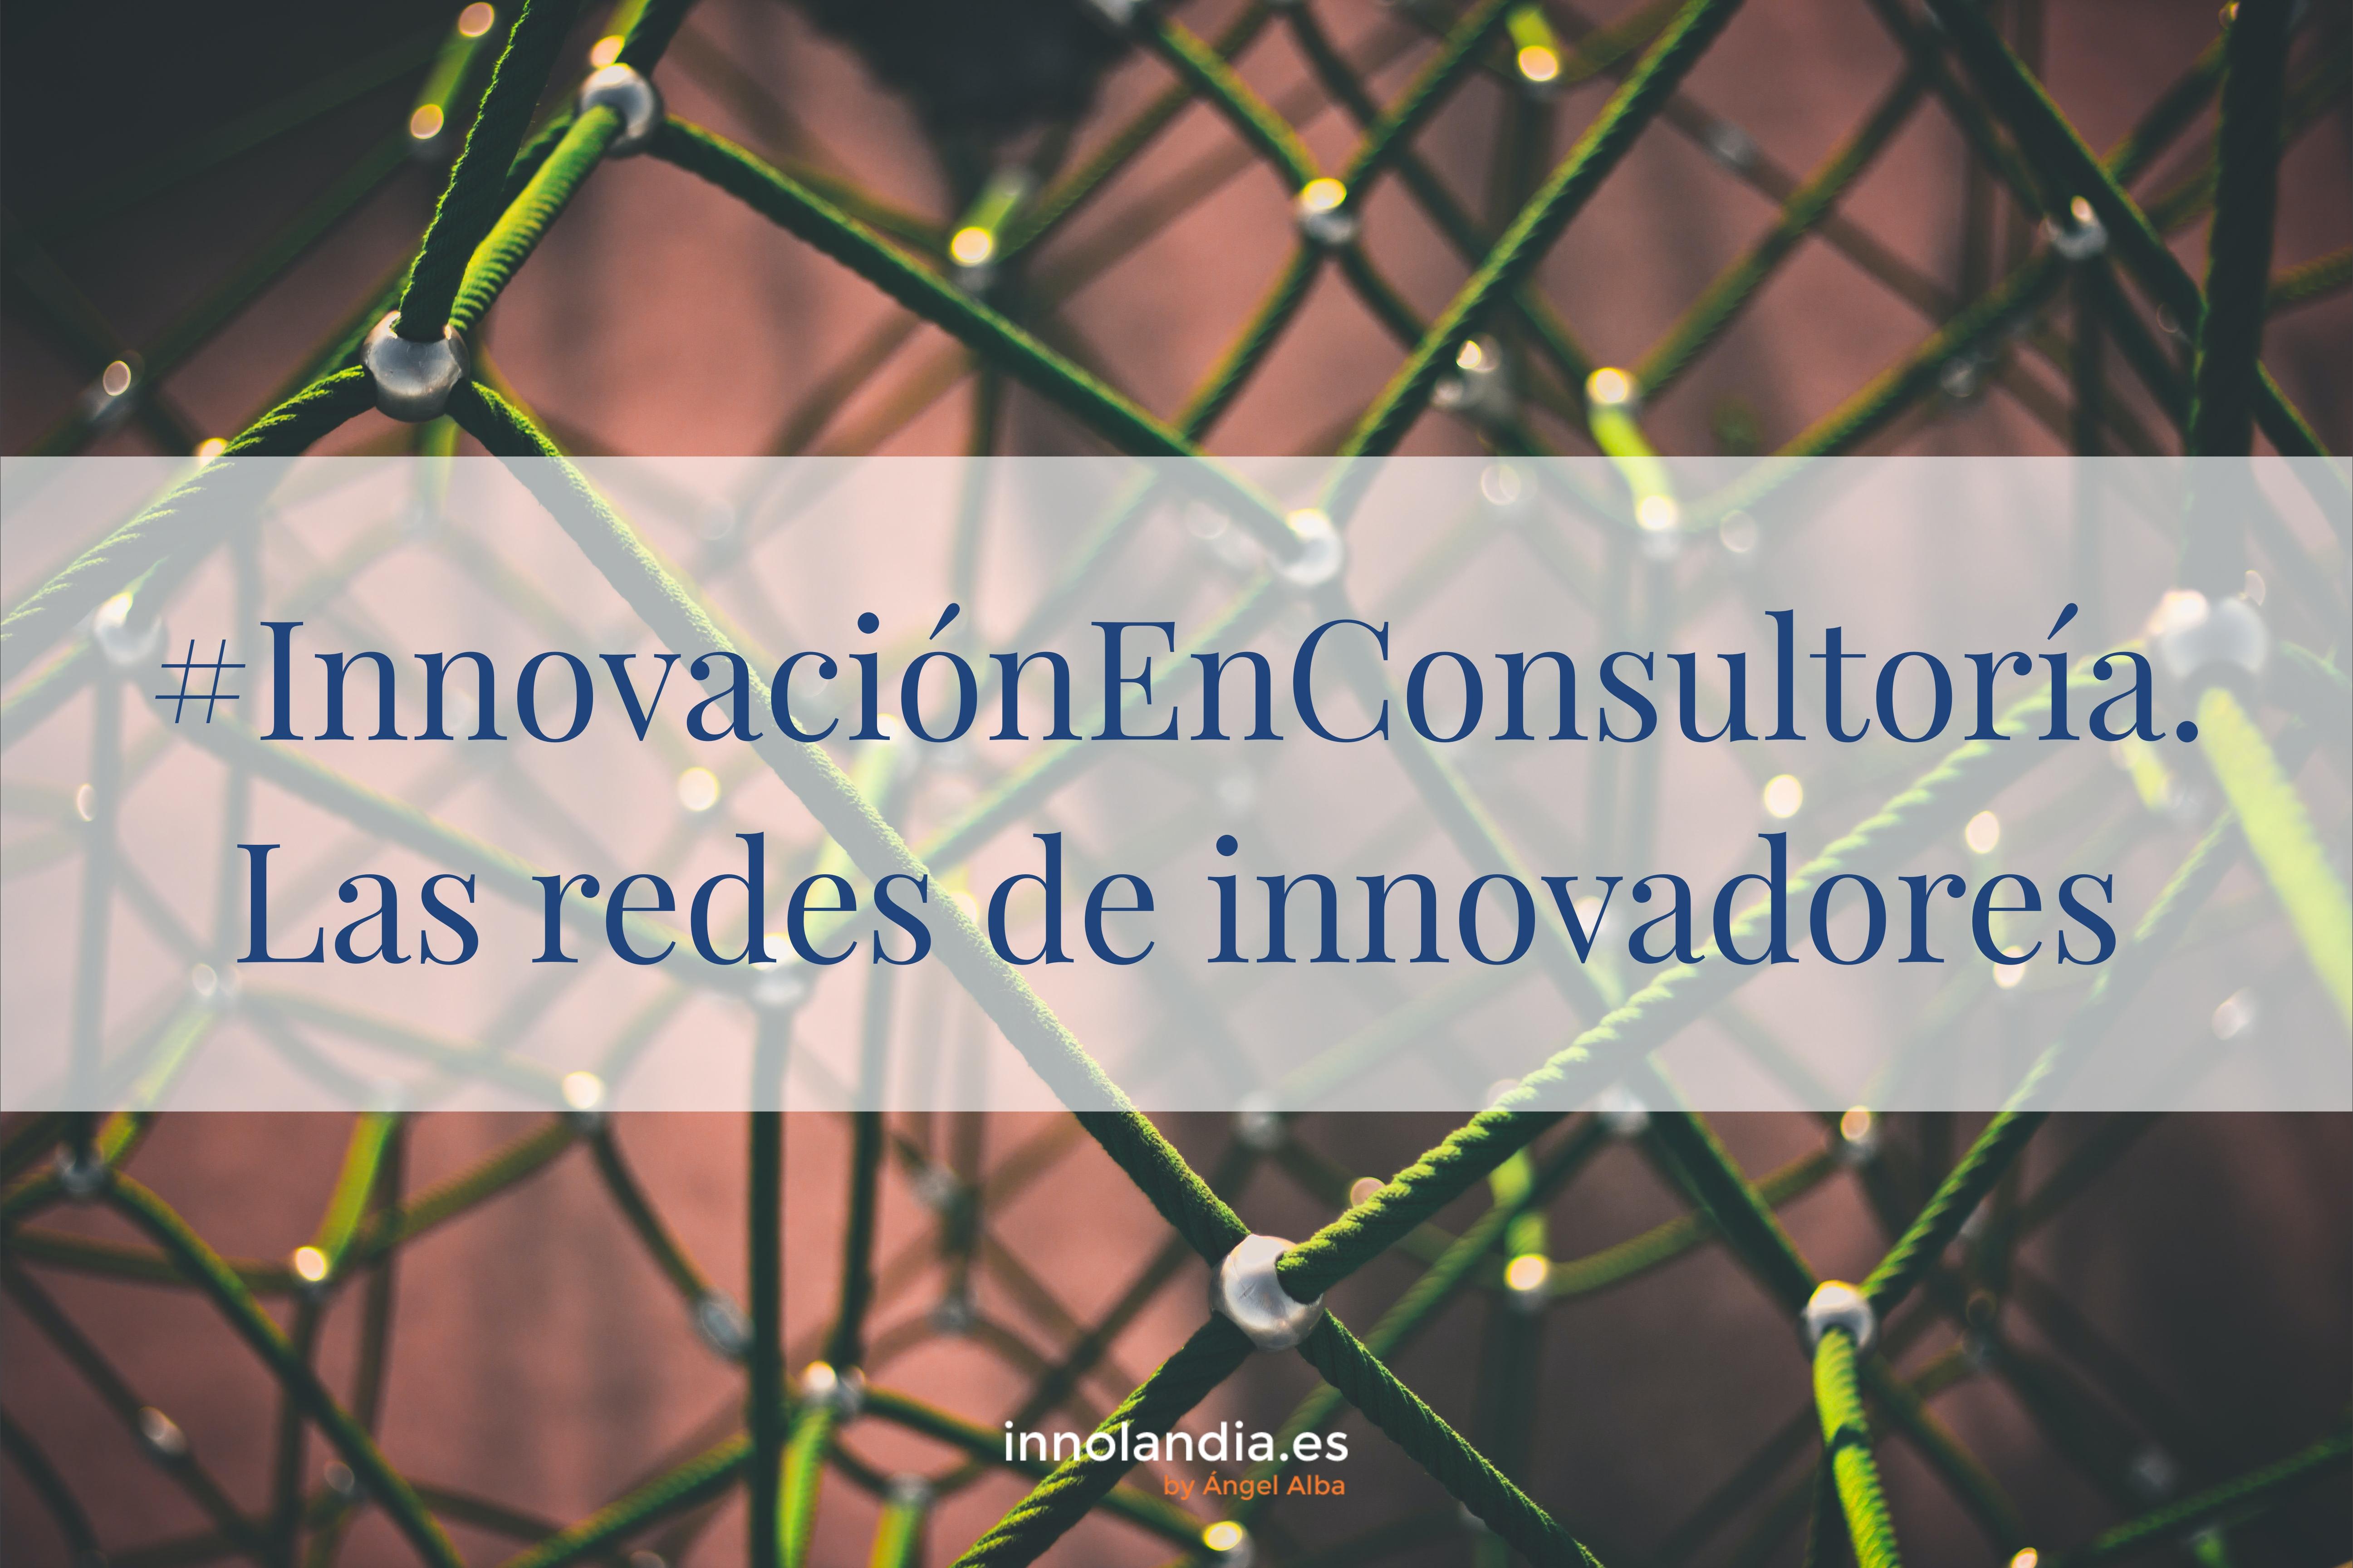 #InnovaciónEnConsultoría. Las redes de innovadores